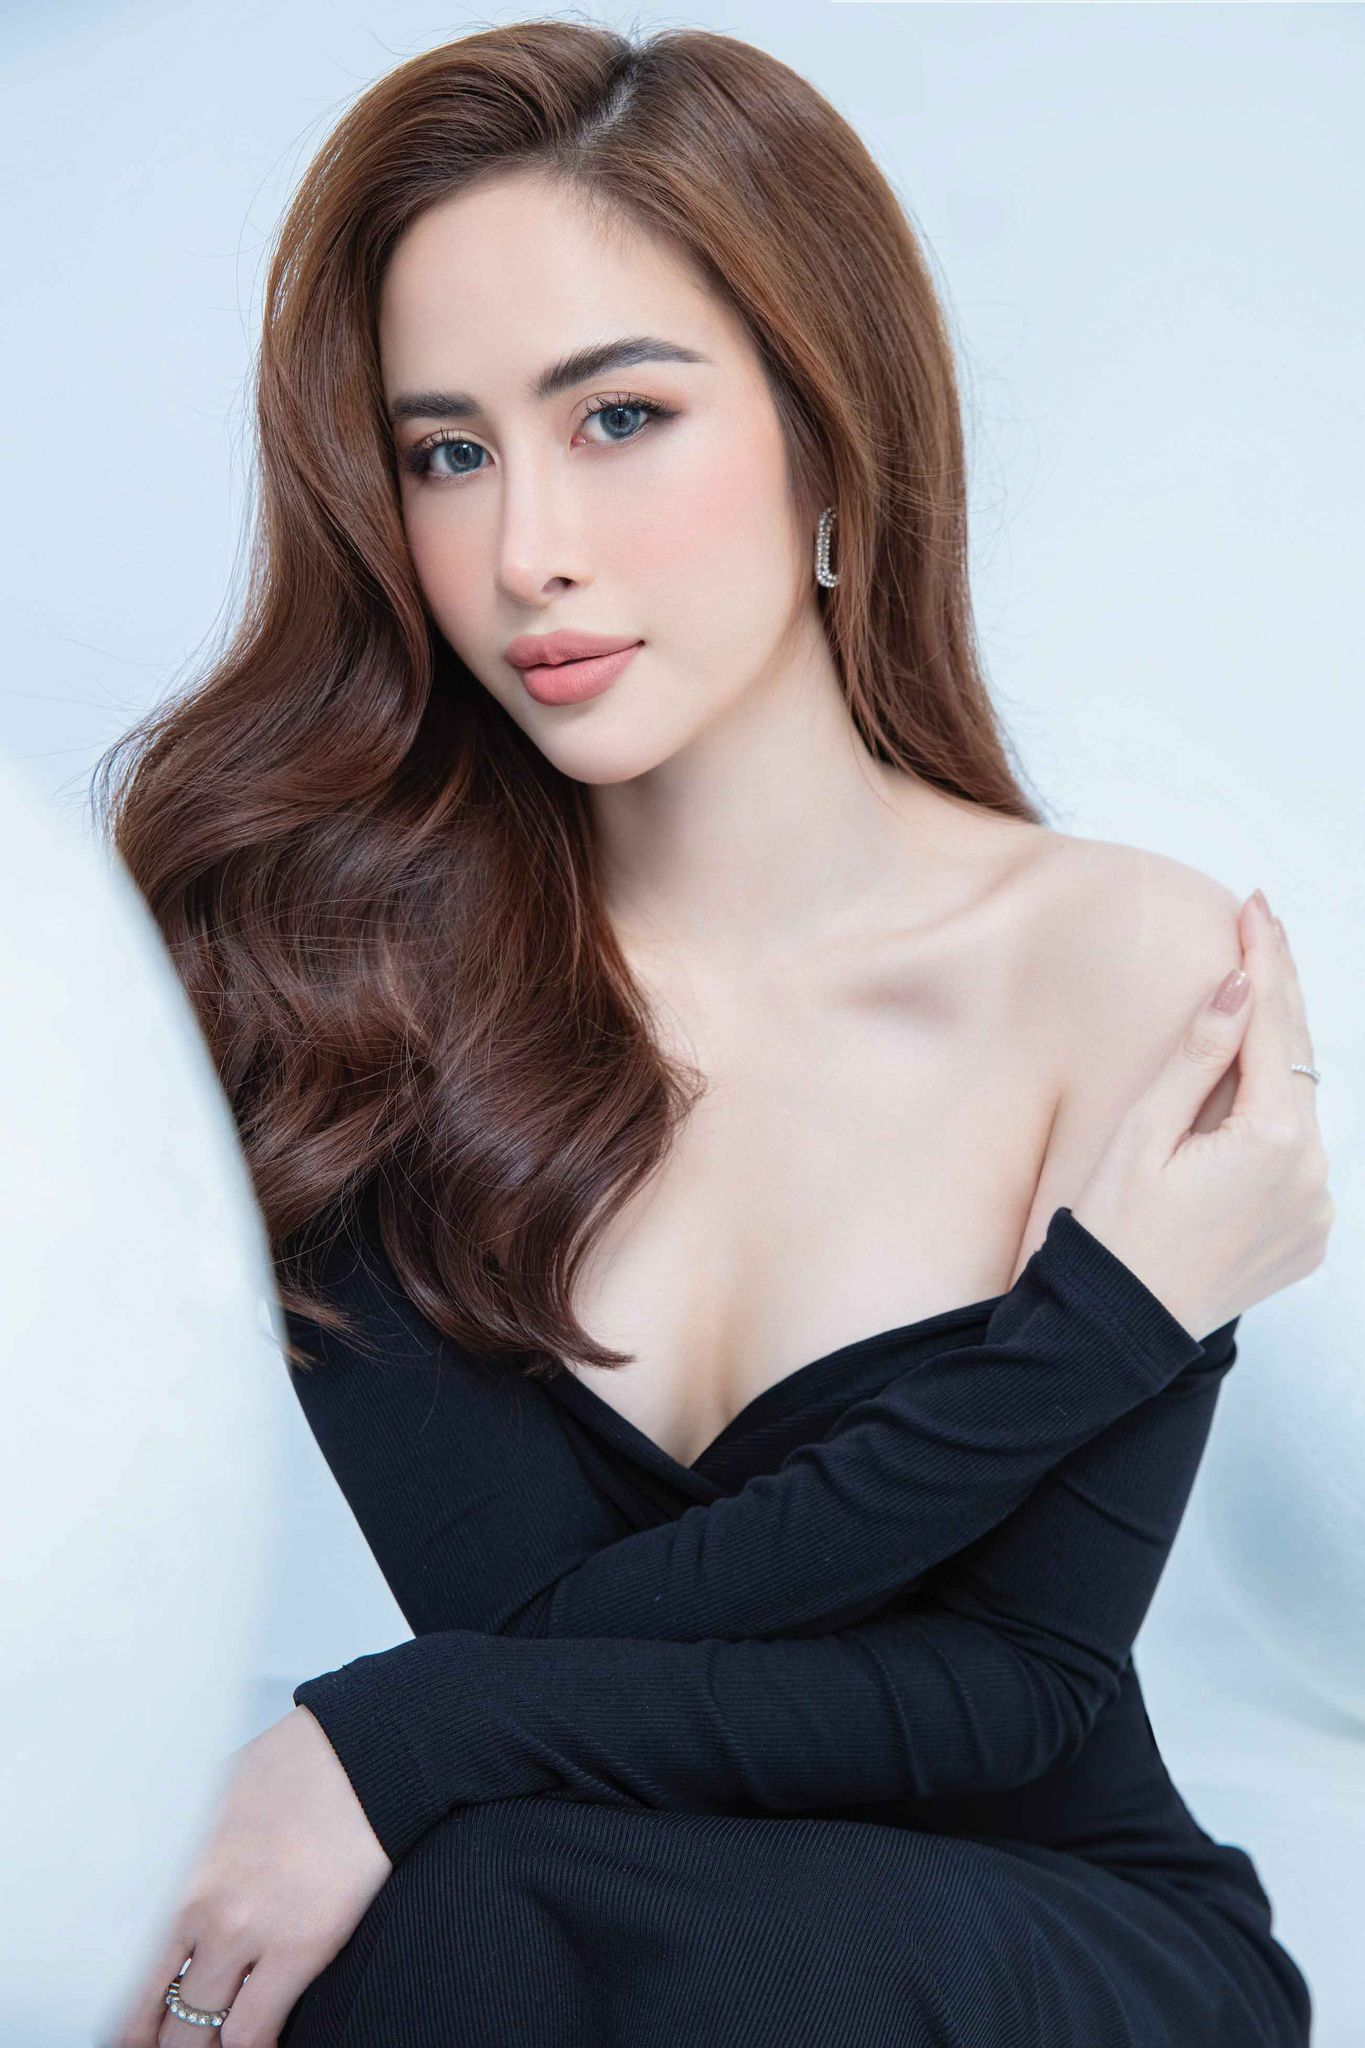 Hoa hậu Phan Ngọc Hân gợi cảm trong bộ ảnh mới